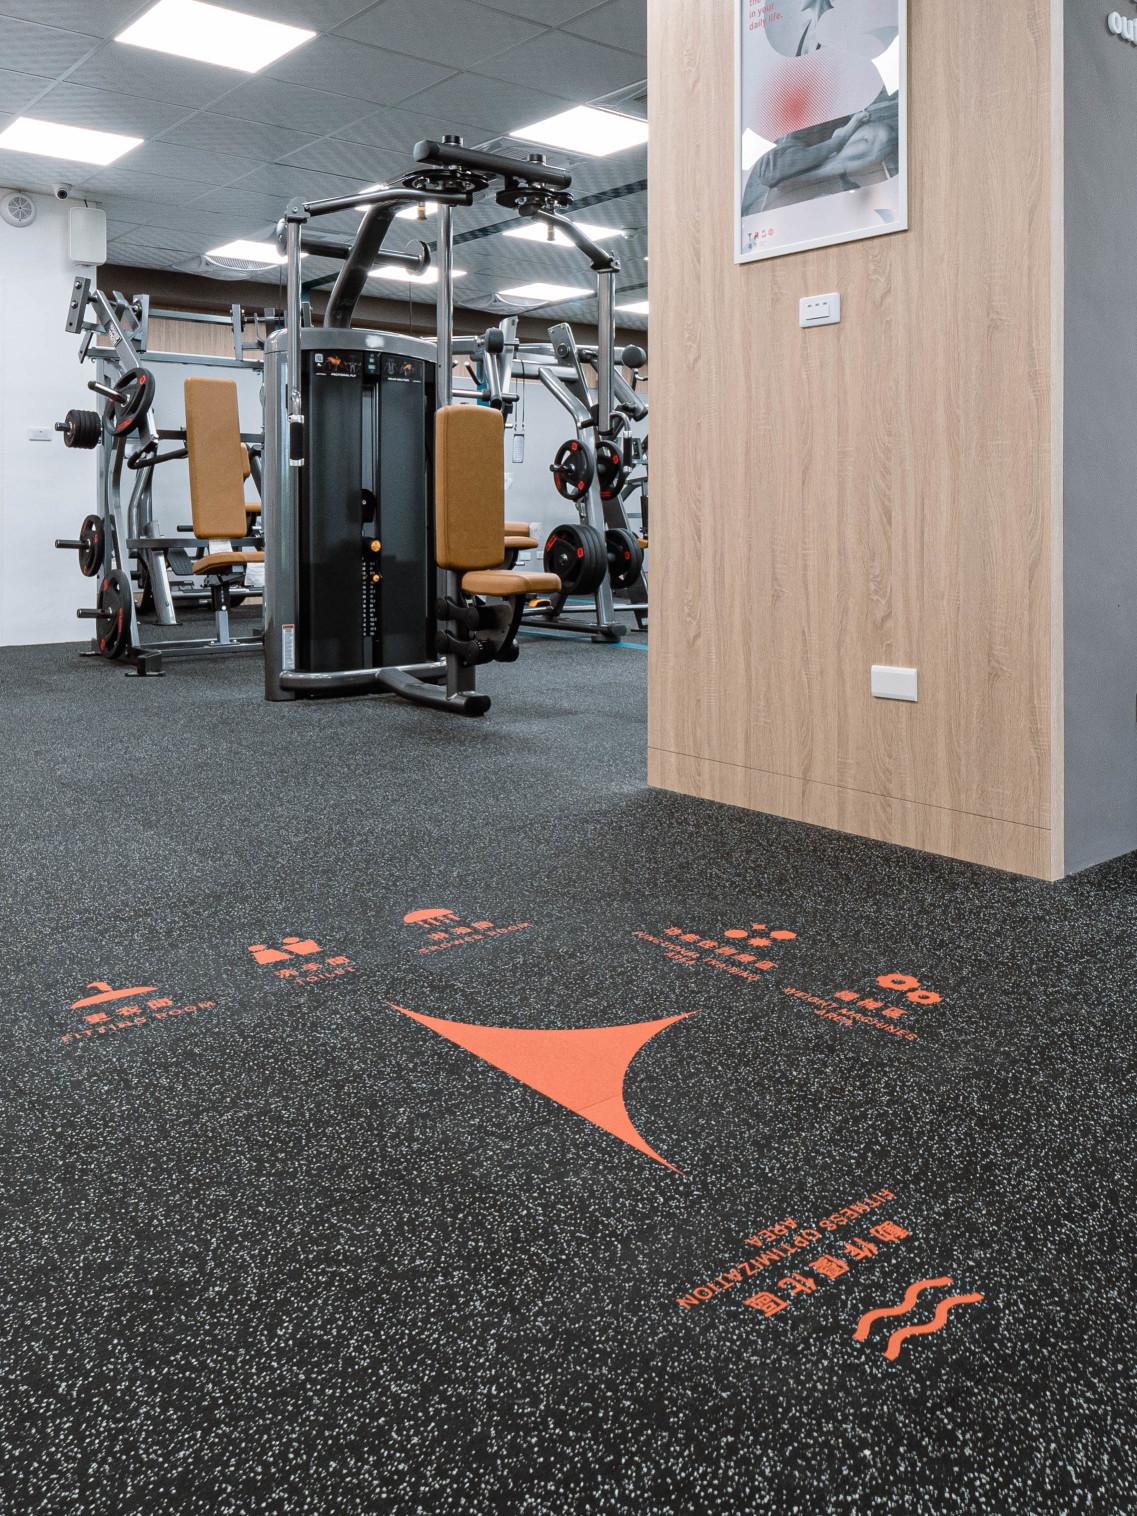 嘉義健身房室內空間設計-地板動線標示|塔索肌力與體能訓練中心